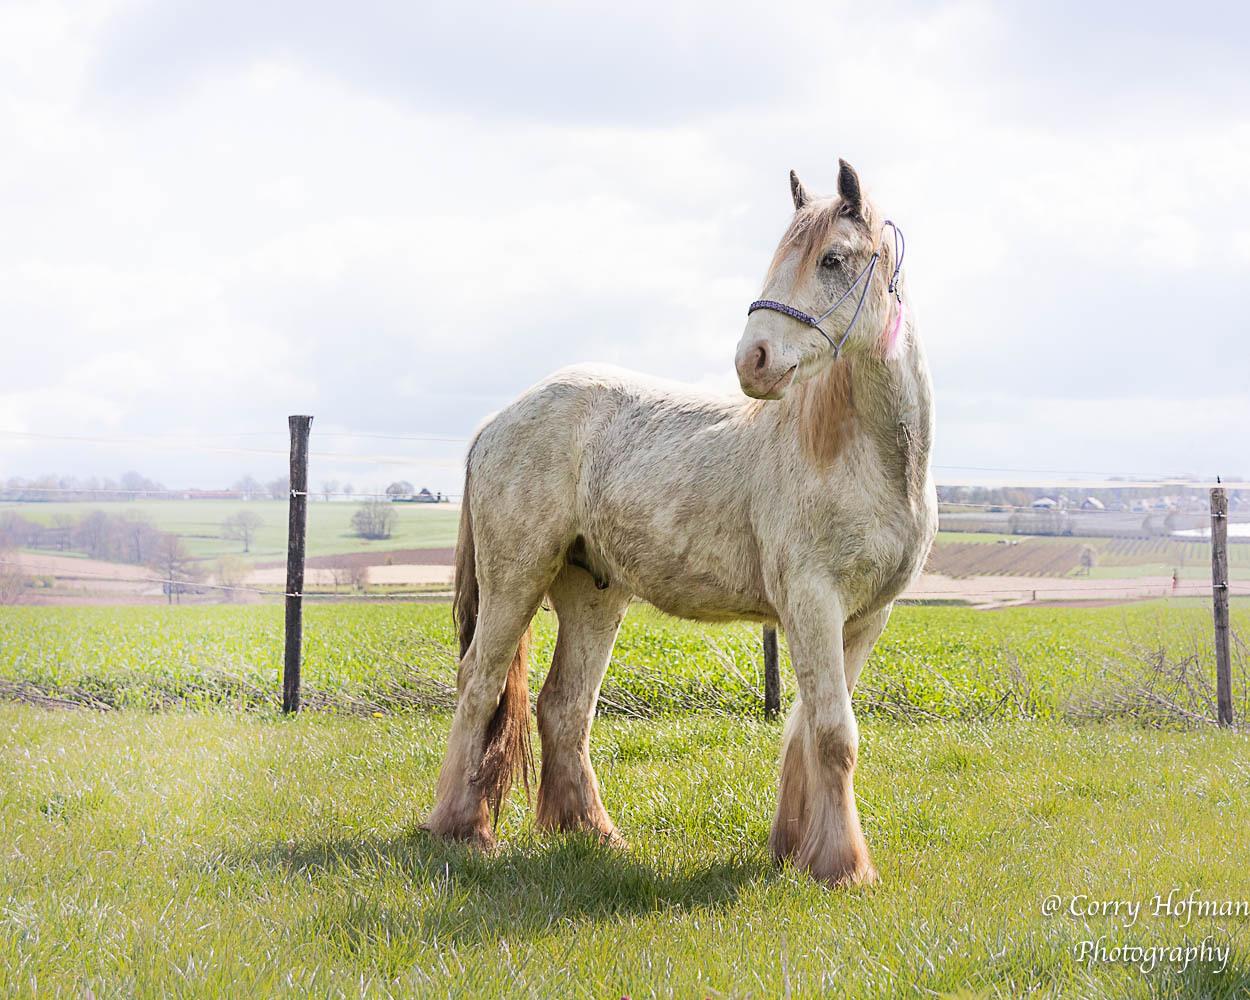 mijn tweejarige Irish cob  - ik fotografeer heel graag paarden . Ik heb er zelf 4 , dus ze zijn vaak model . - foto door hofman-c op 14-04-2021 - deze foto bevat: paard, dier, ruin, lucht, wolk, paard, oog, werkend dier, natuurlijk landschap, zuring, fawn, grasland, gras